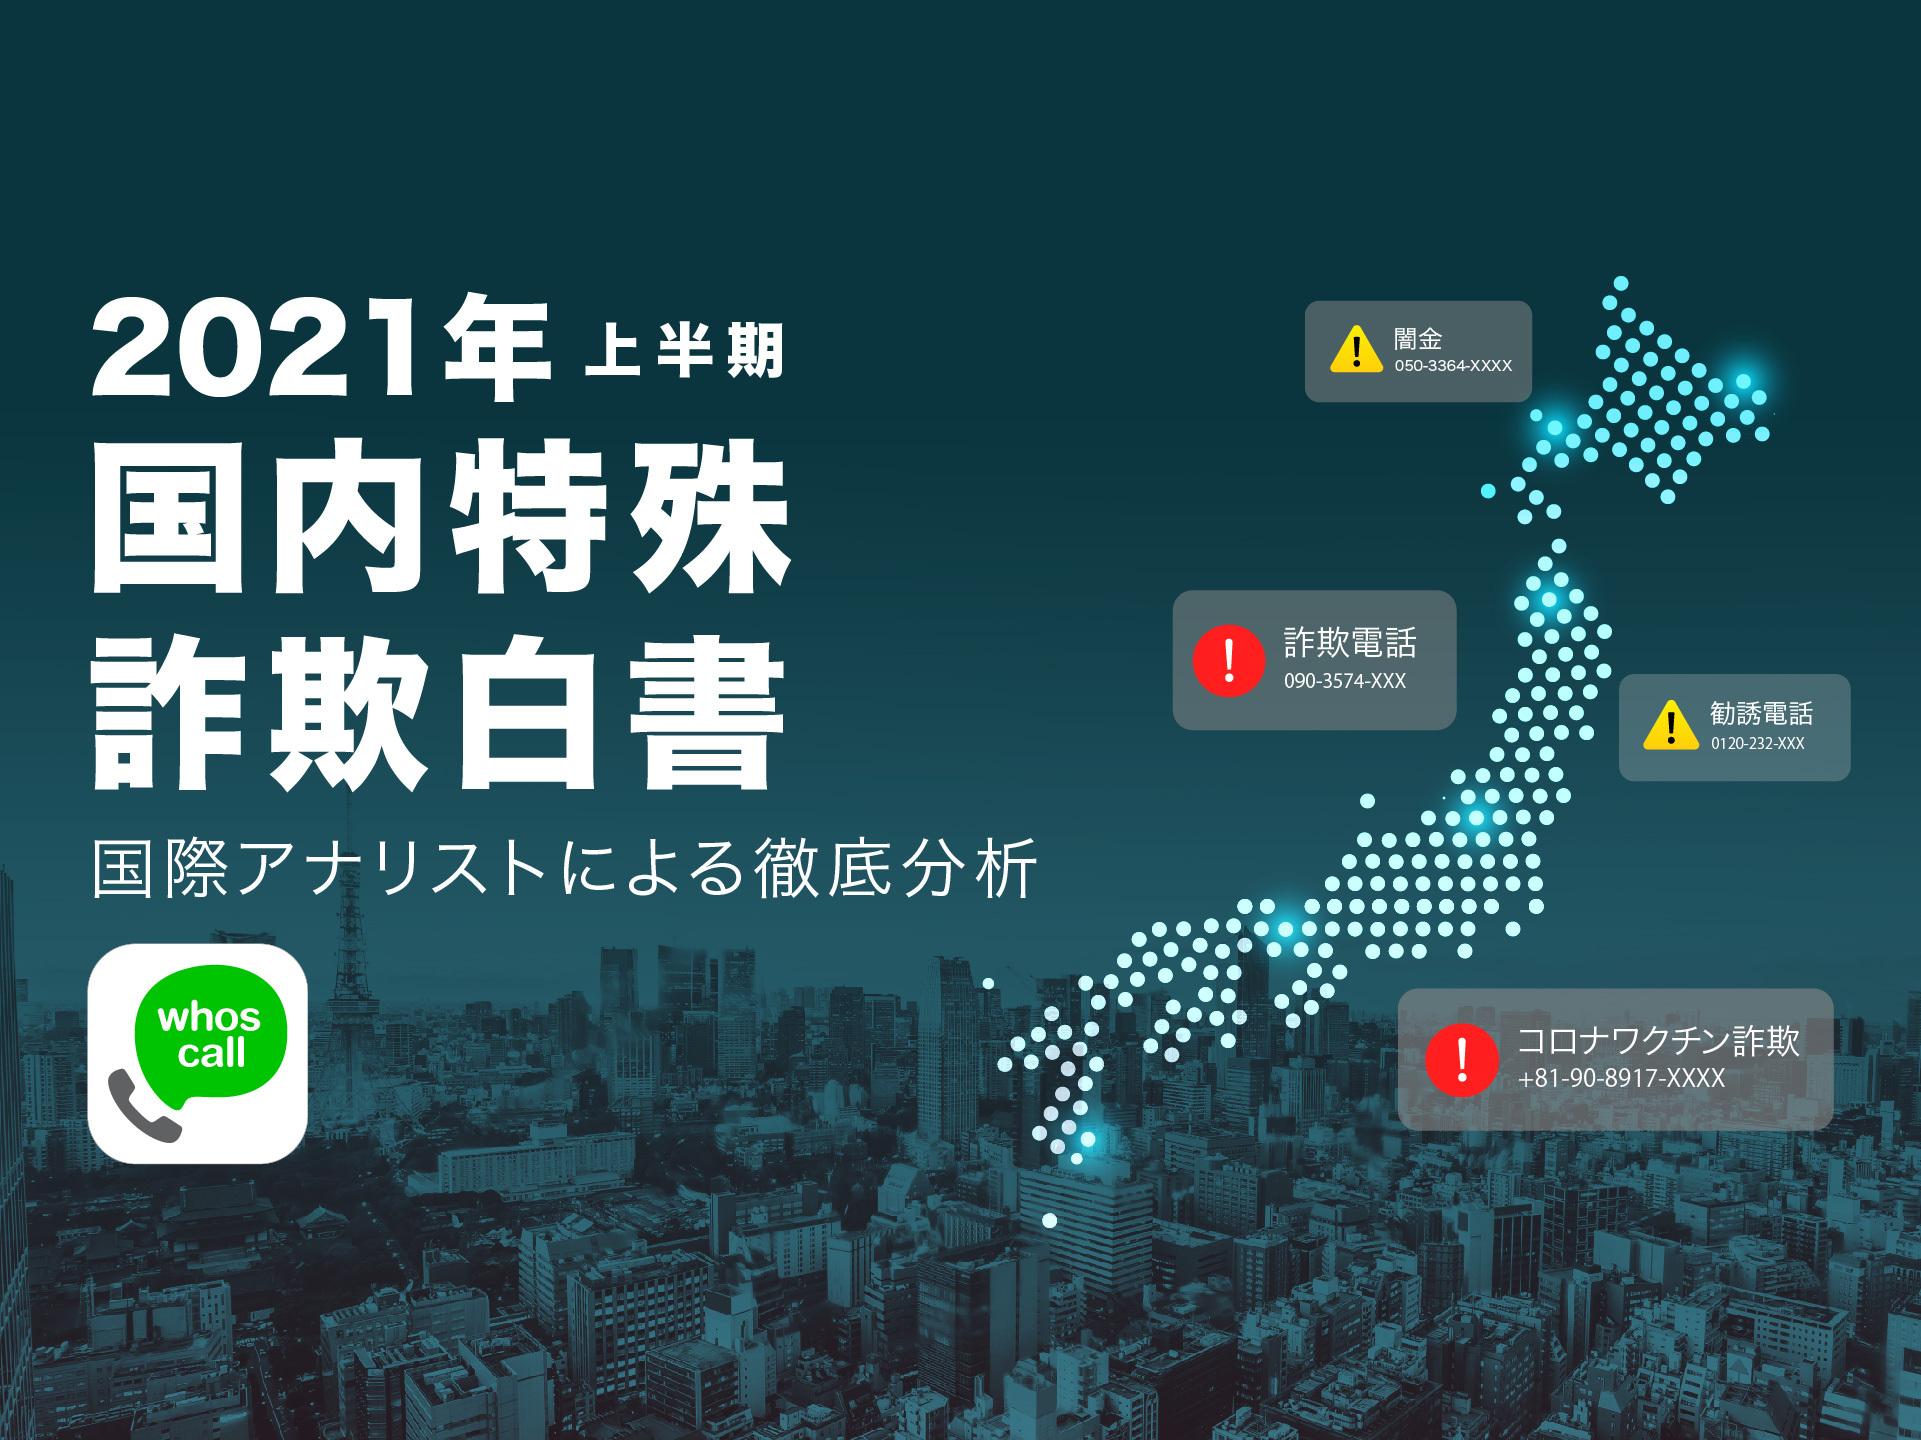 2021年上半期 Whoscall日本特殊詐欺白書